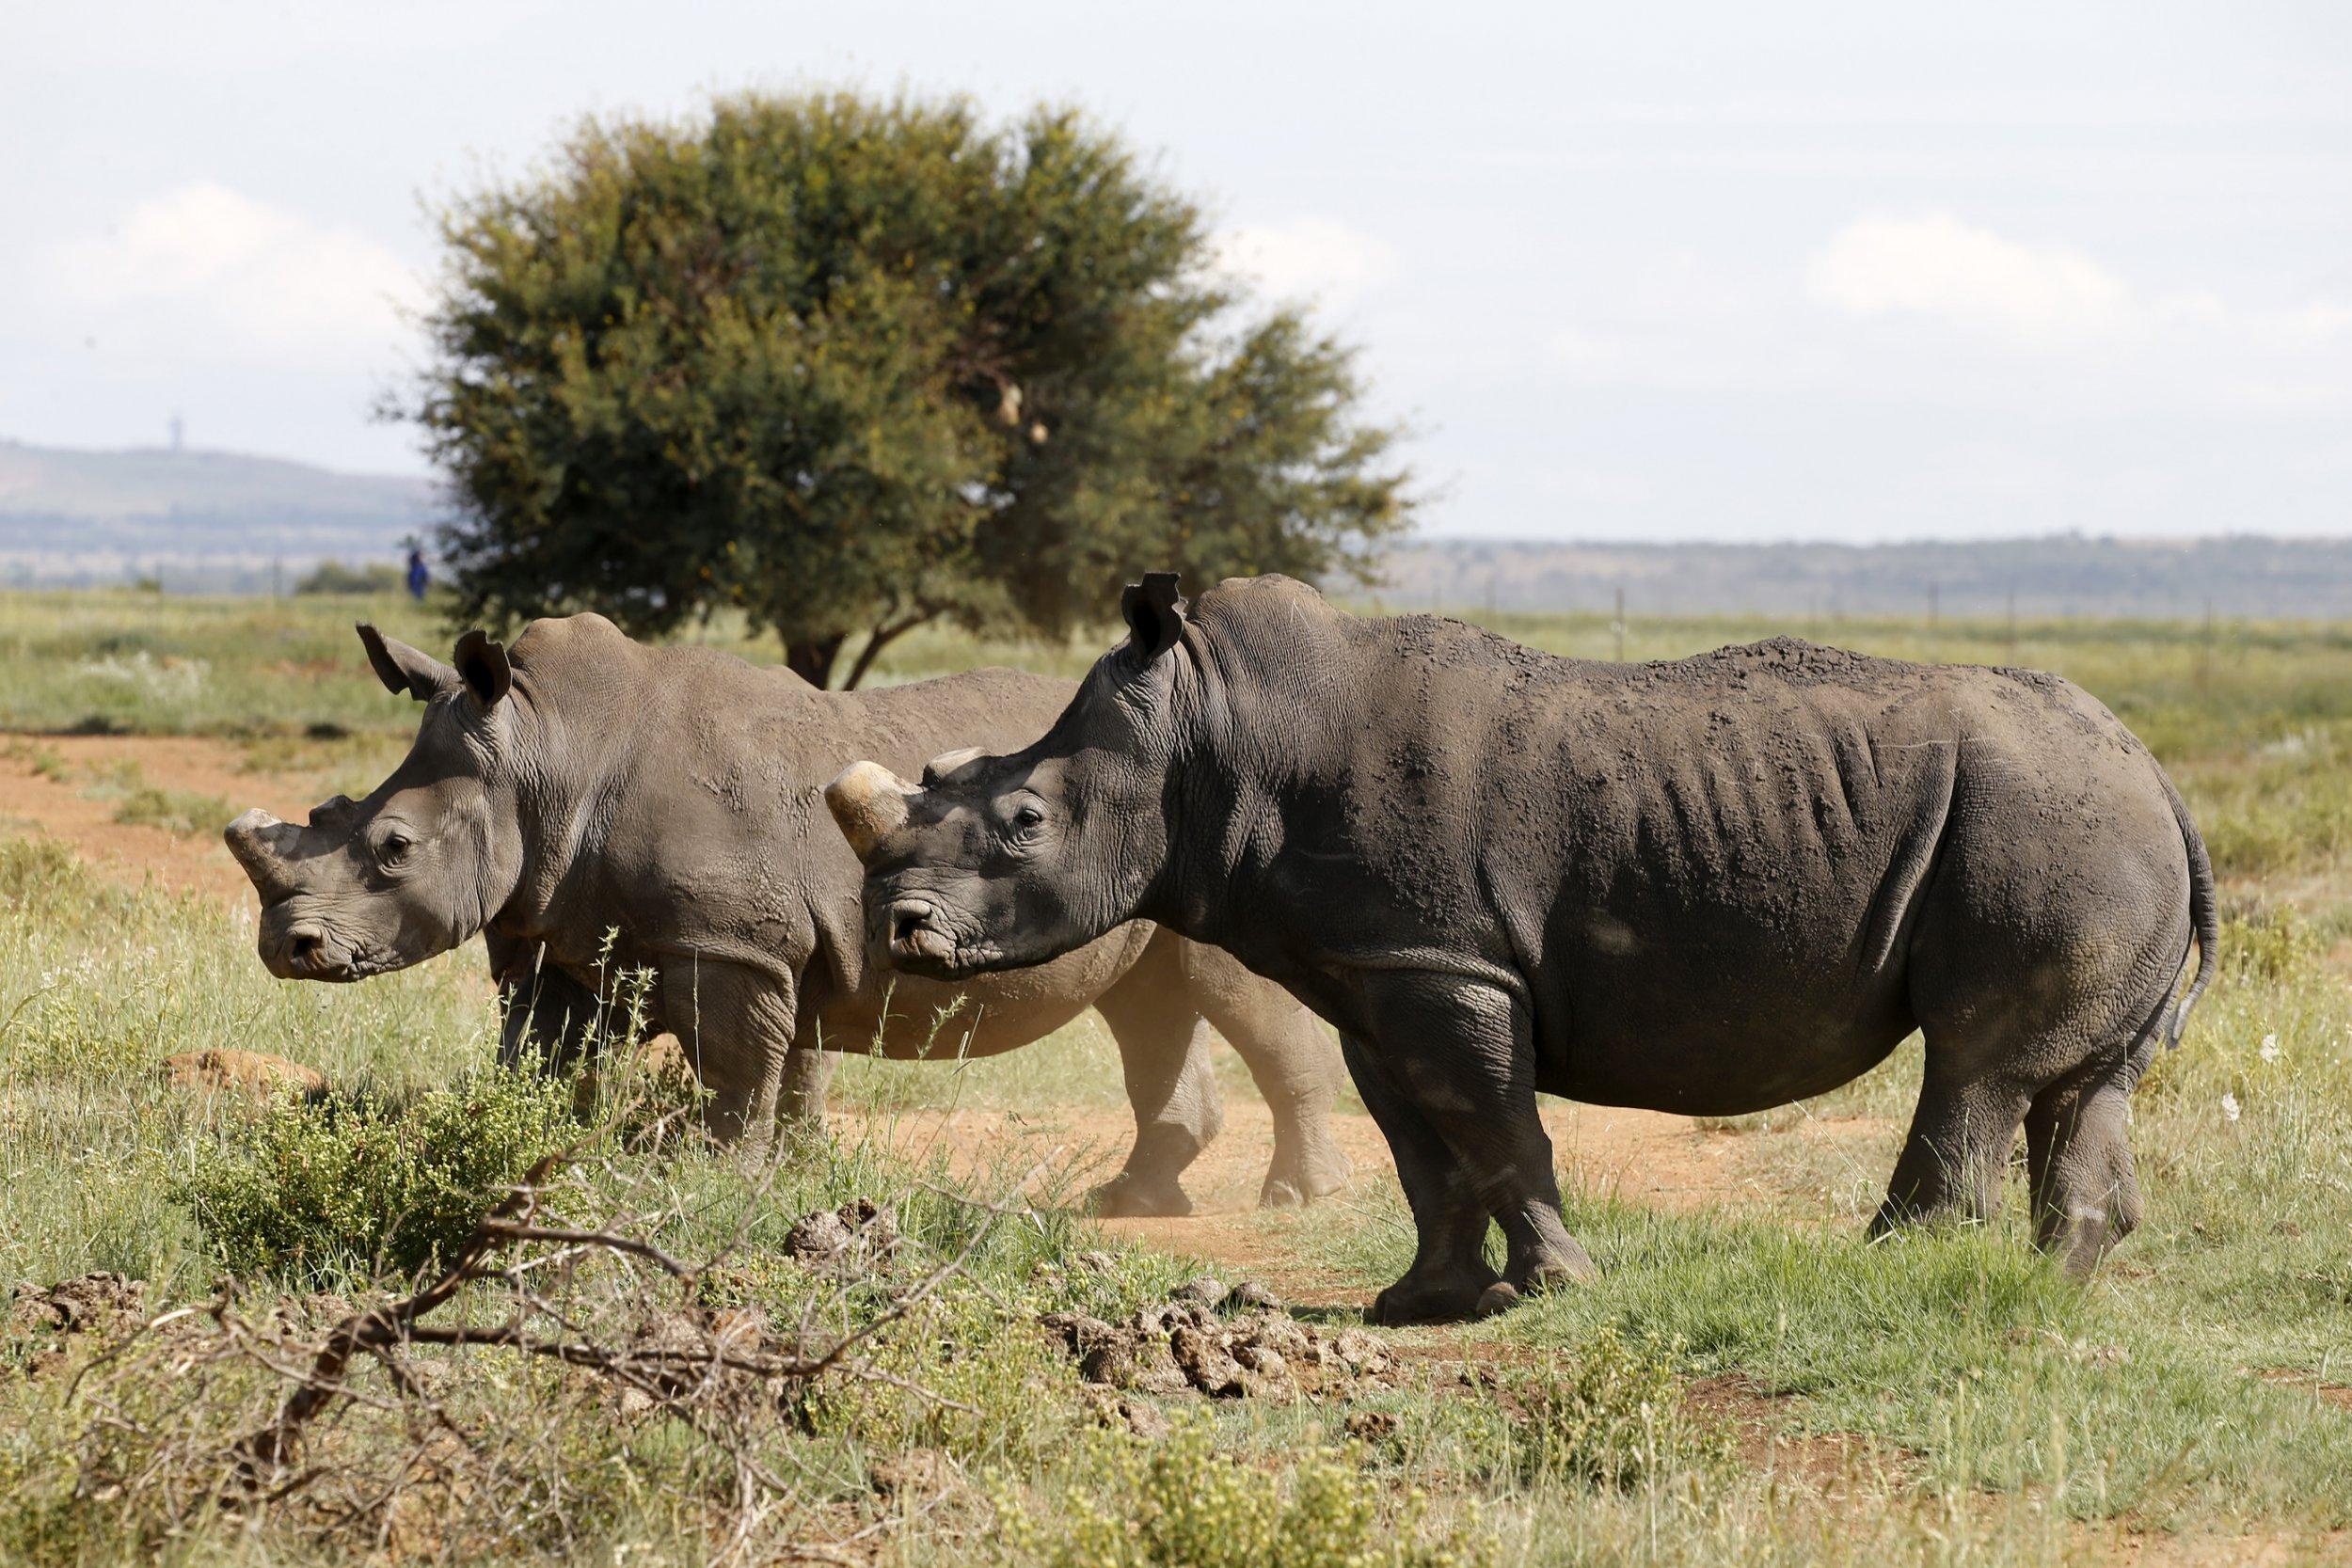 Black rhinoceros South Africa